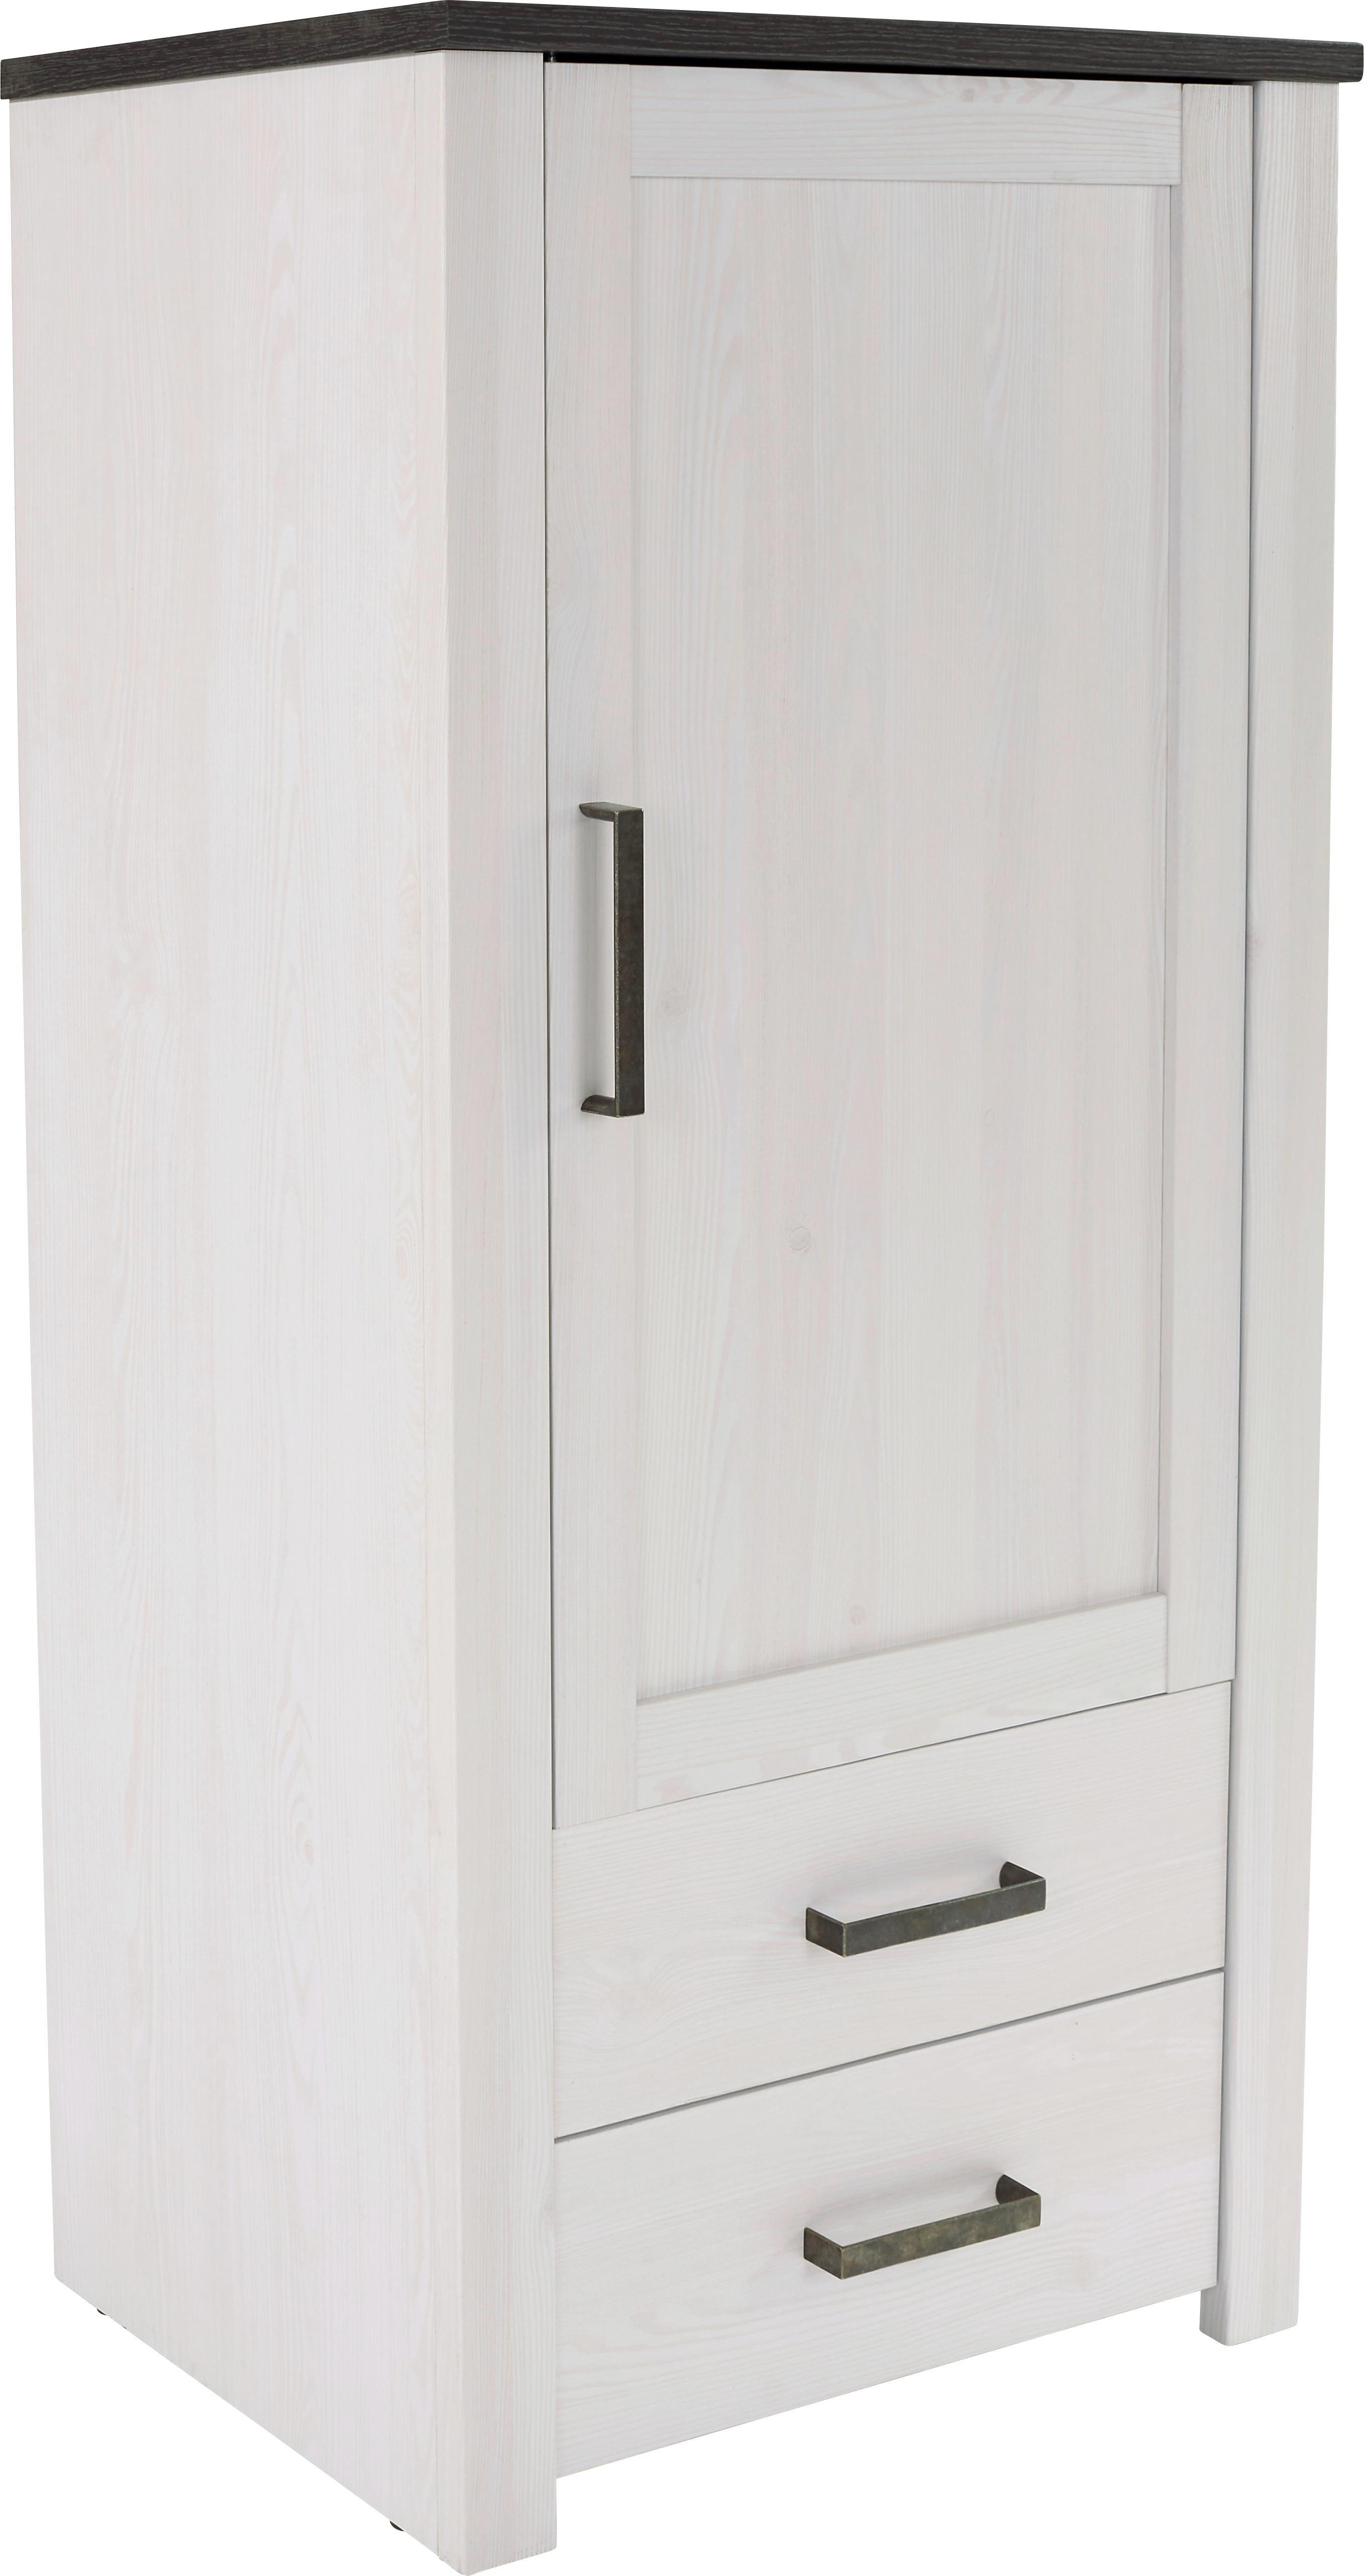 Szekrény Provence - fehér/wenge színű, romantikus/Landhaus, faanyagok (71,2/142,5/42cm) - JAMES WOOD